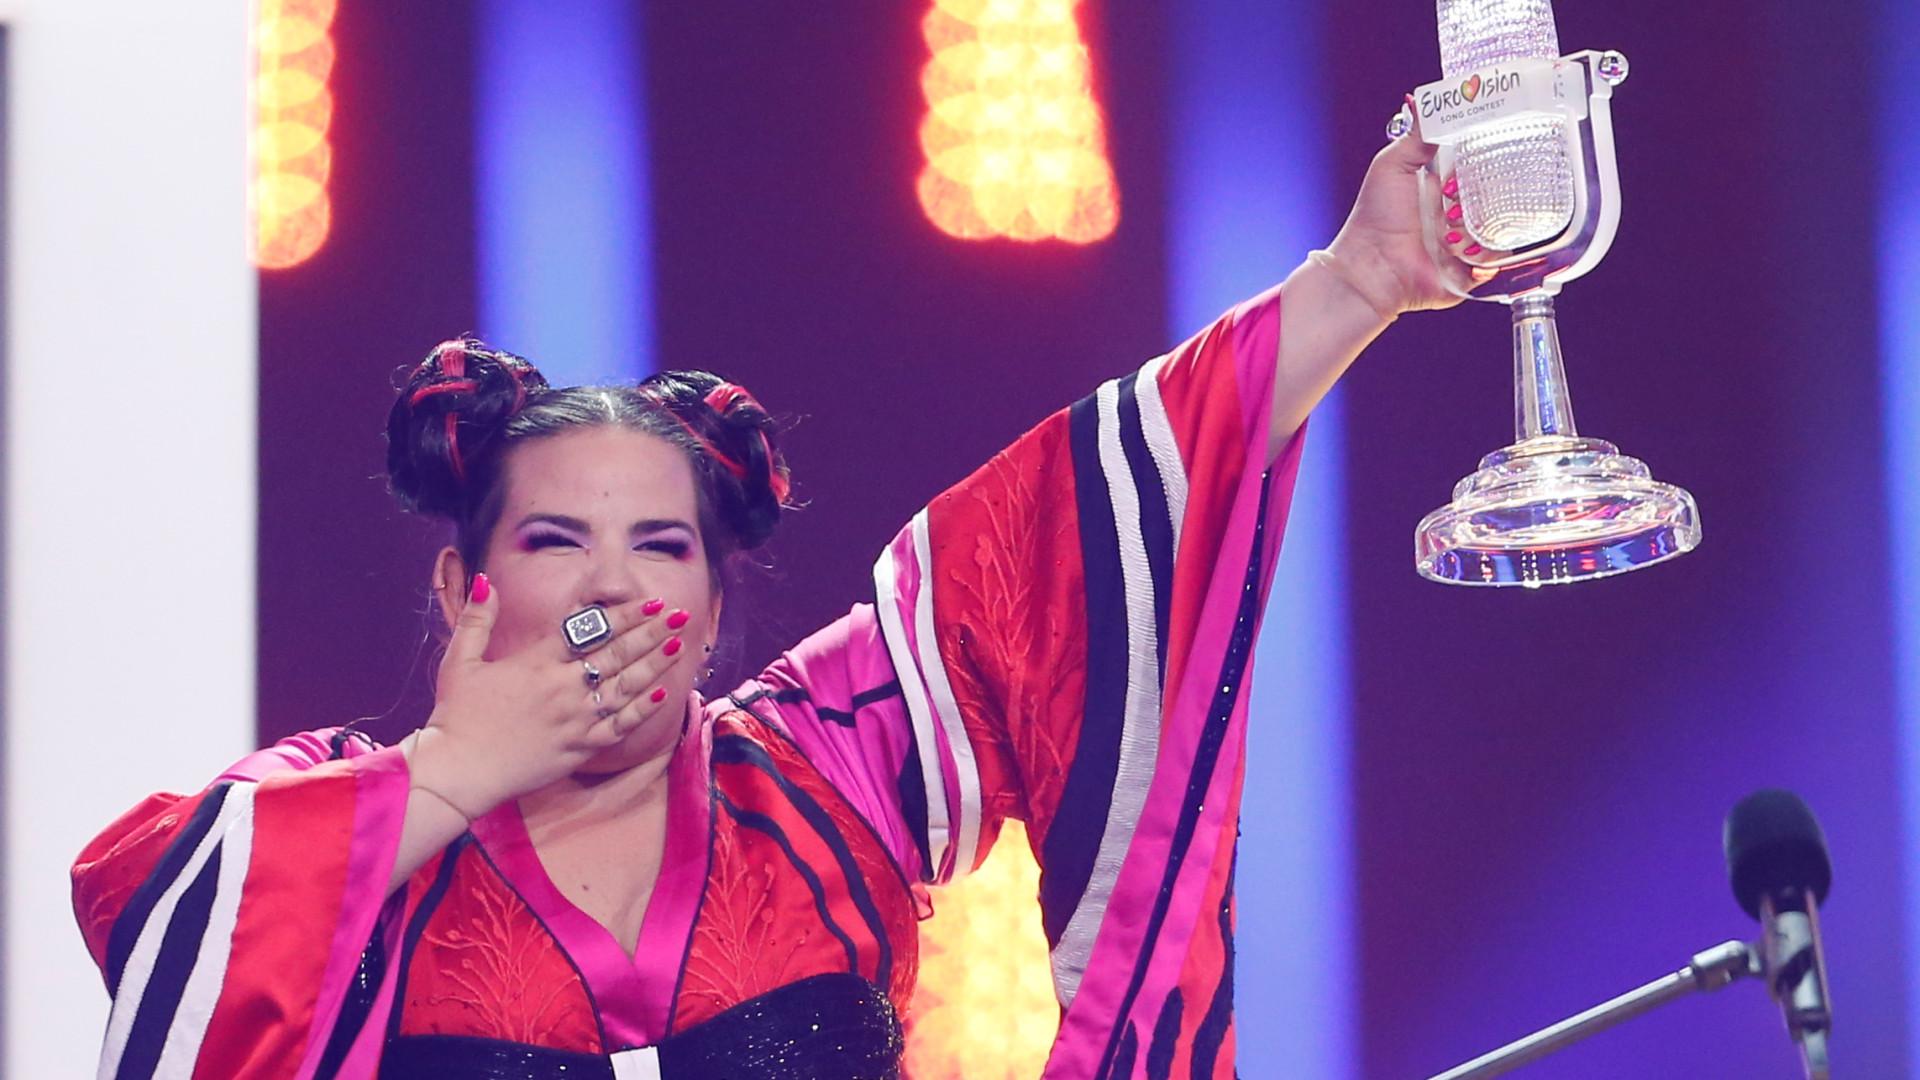 """Eurovisão em Israel? """"Não marquem já voos"""", diz organização"""